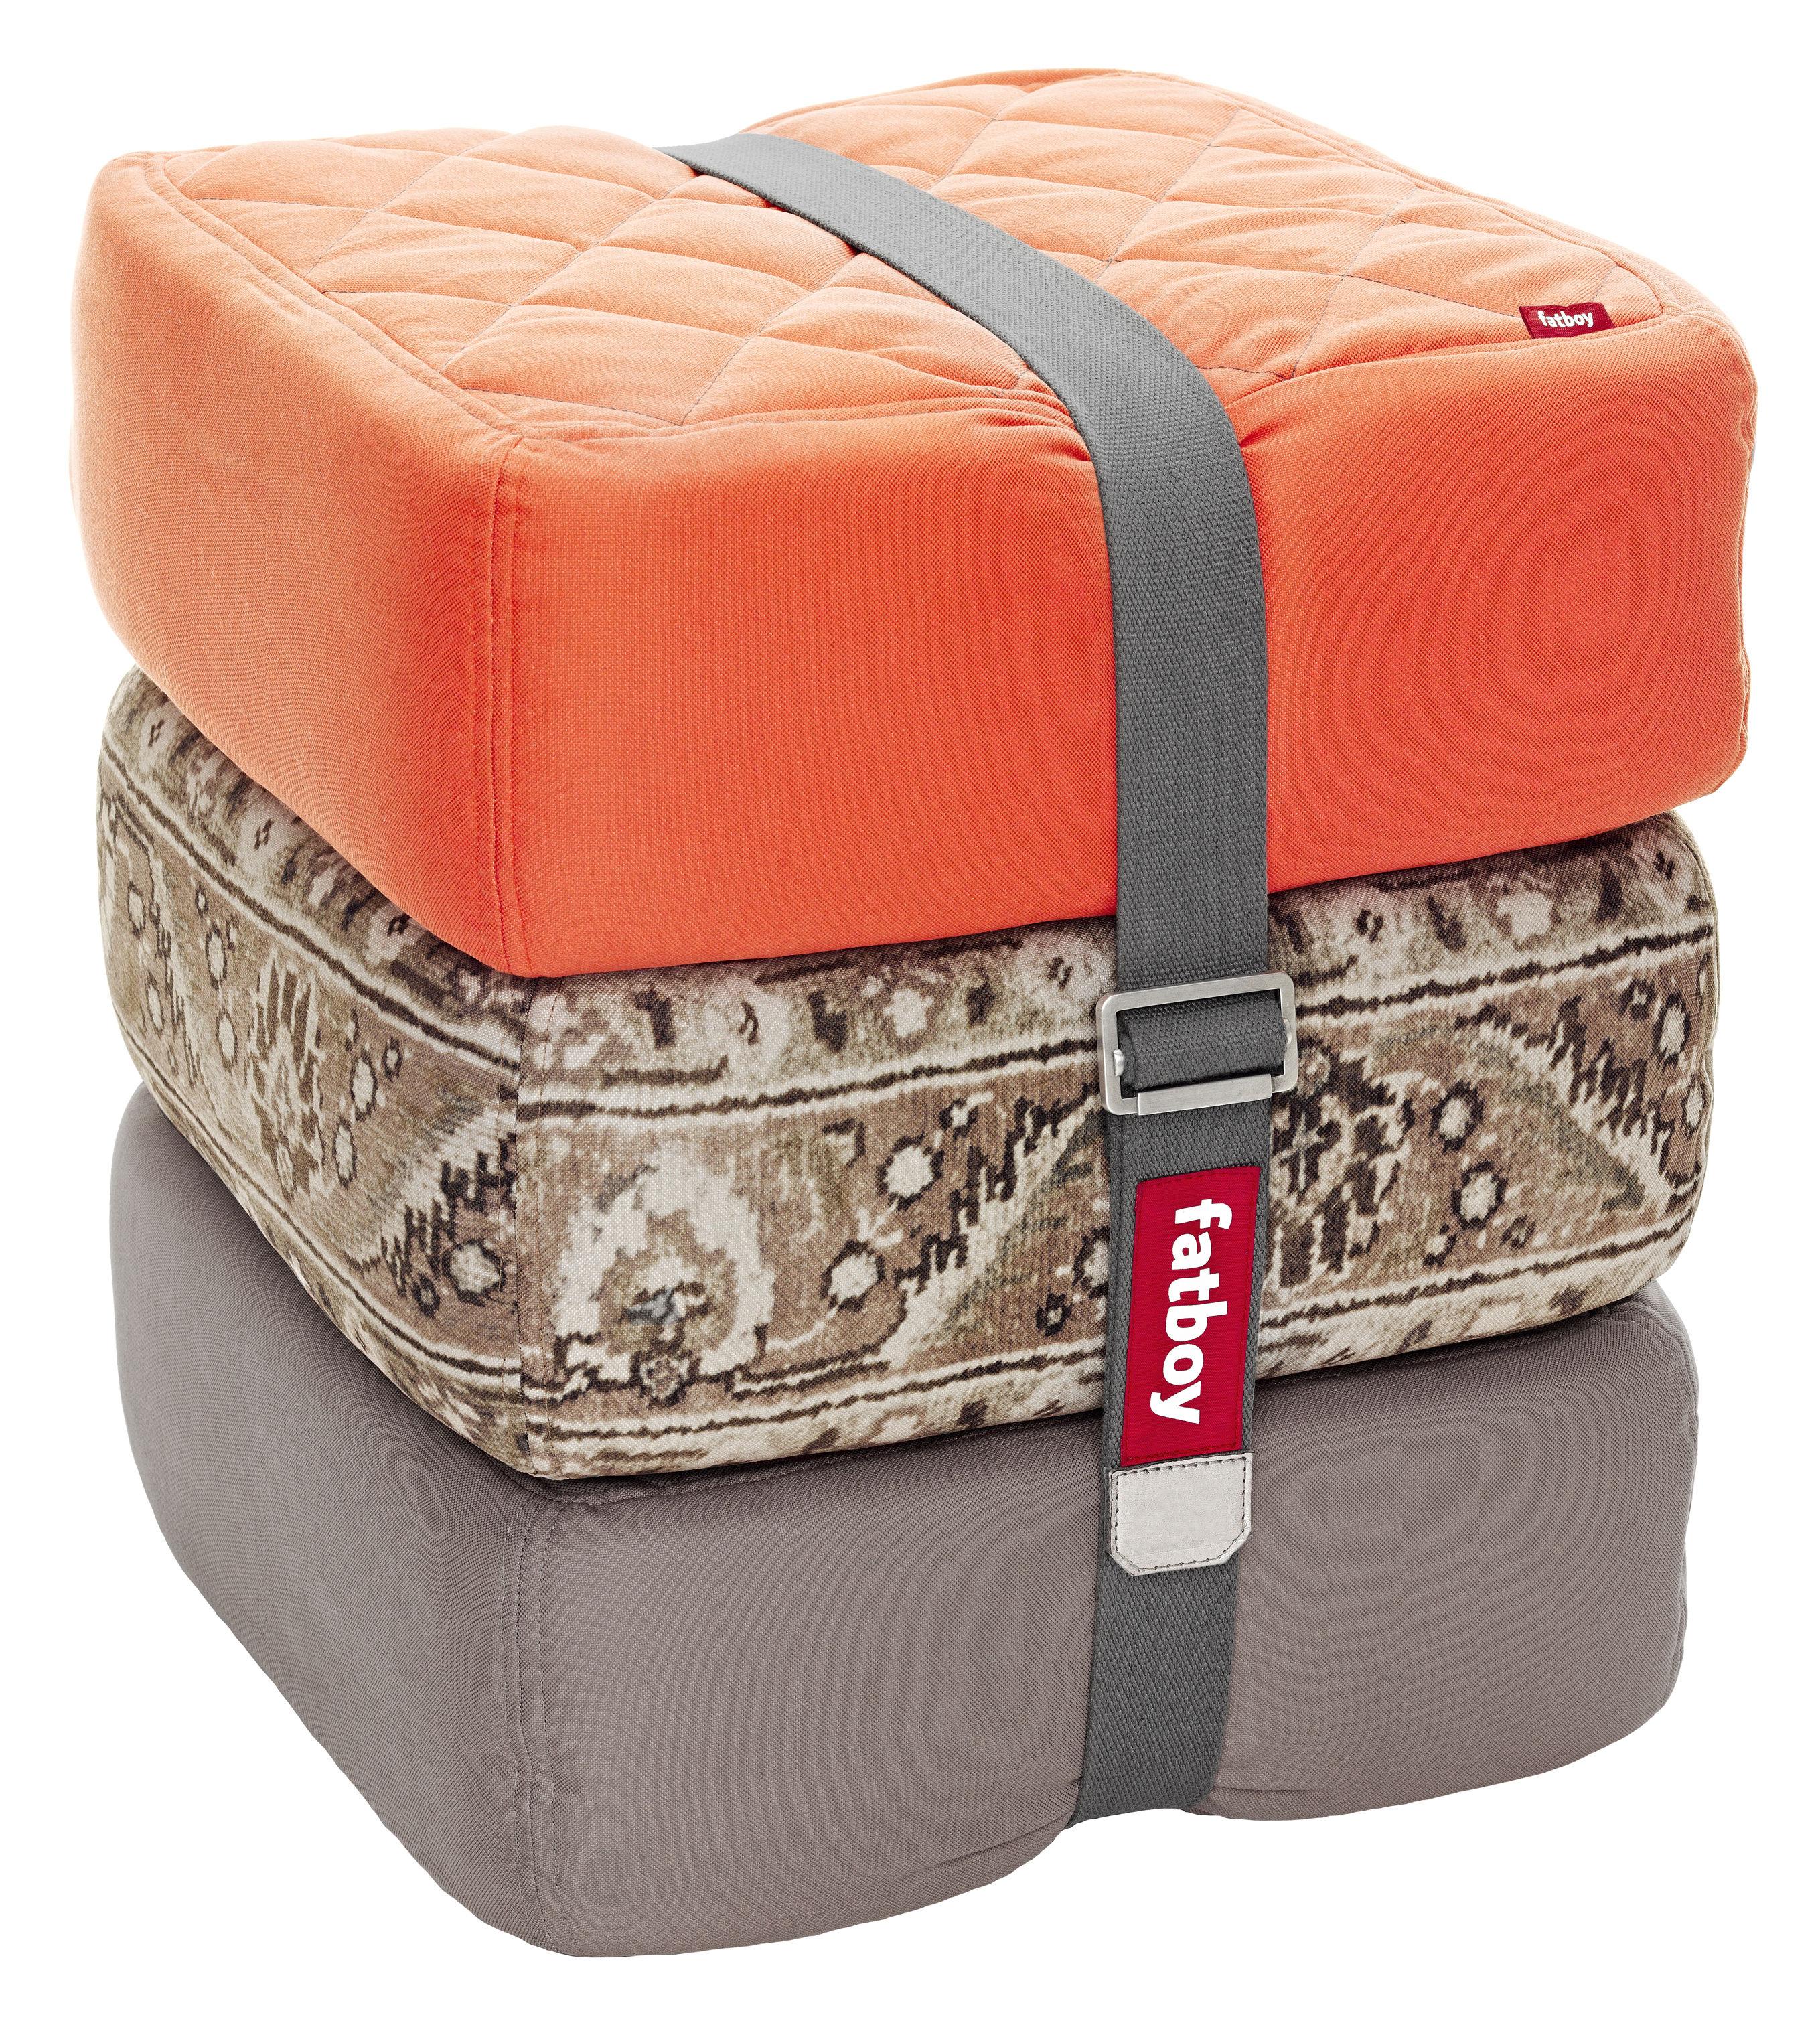 pouf baboesjka set 3 coussins de sol orange taupe. Black Bedroom Furniture Sets. Home Design Ideas